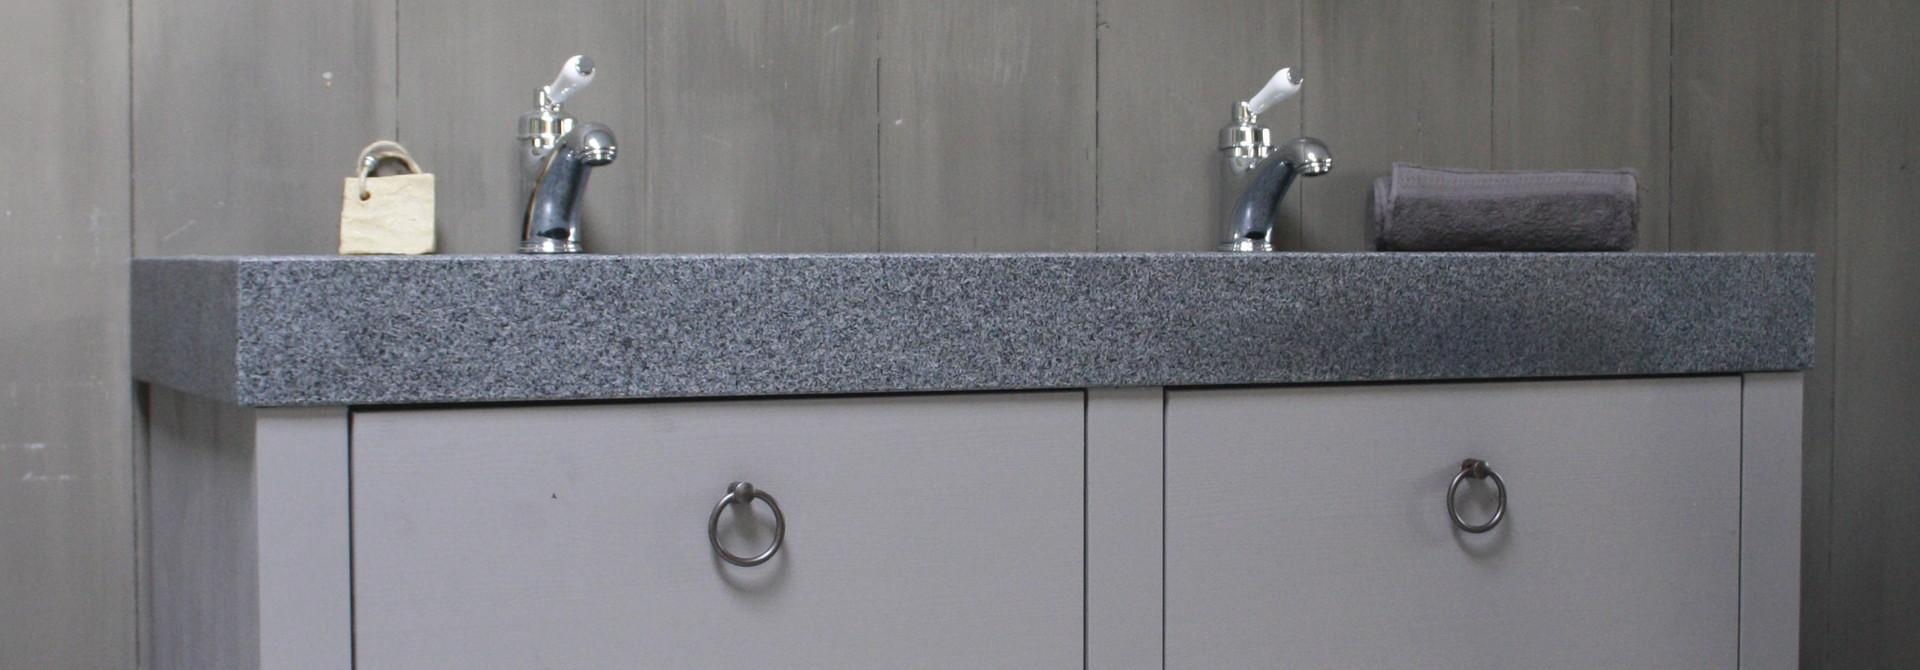 Landelijk badkamermeubel grijs 140 cm met 4 lades en dubbele spoelbak